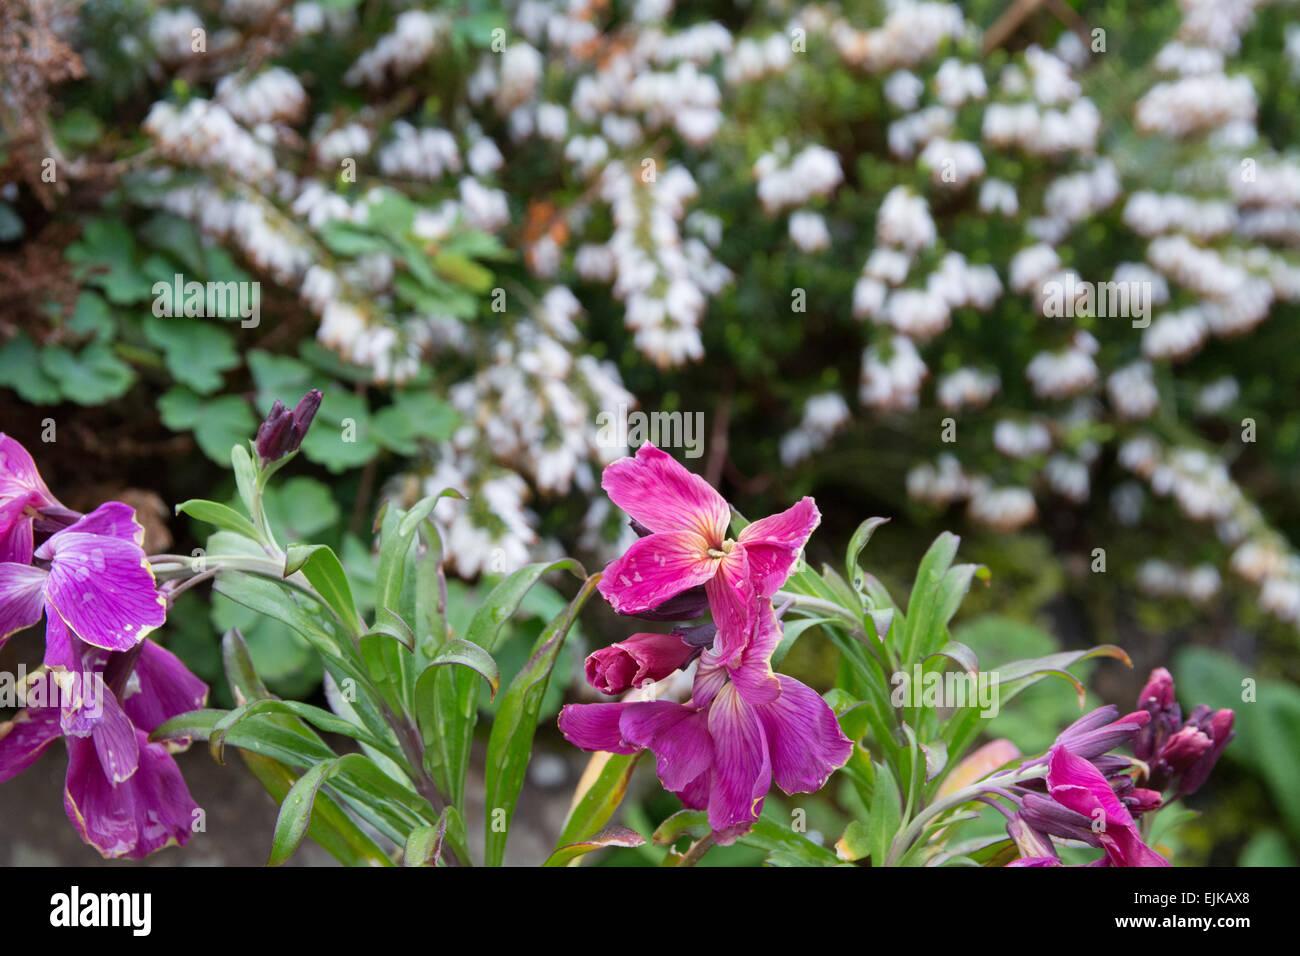 Photo de giroflées mauves sur fond de bruyère blanche Photo Stock